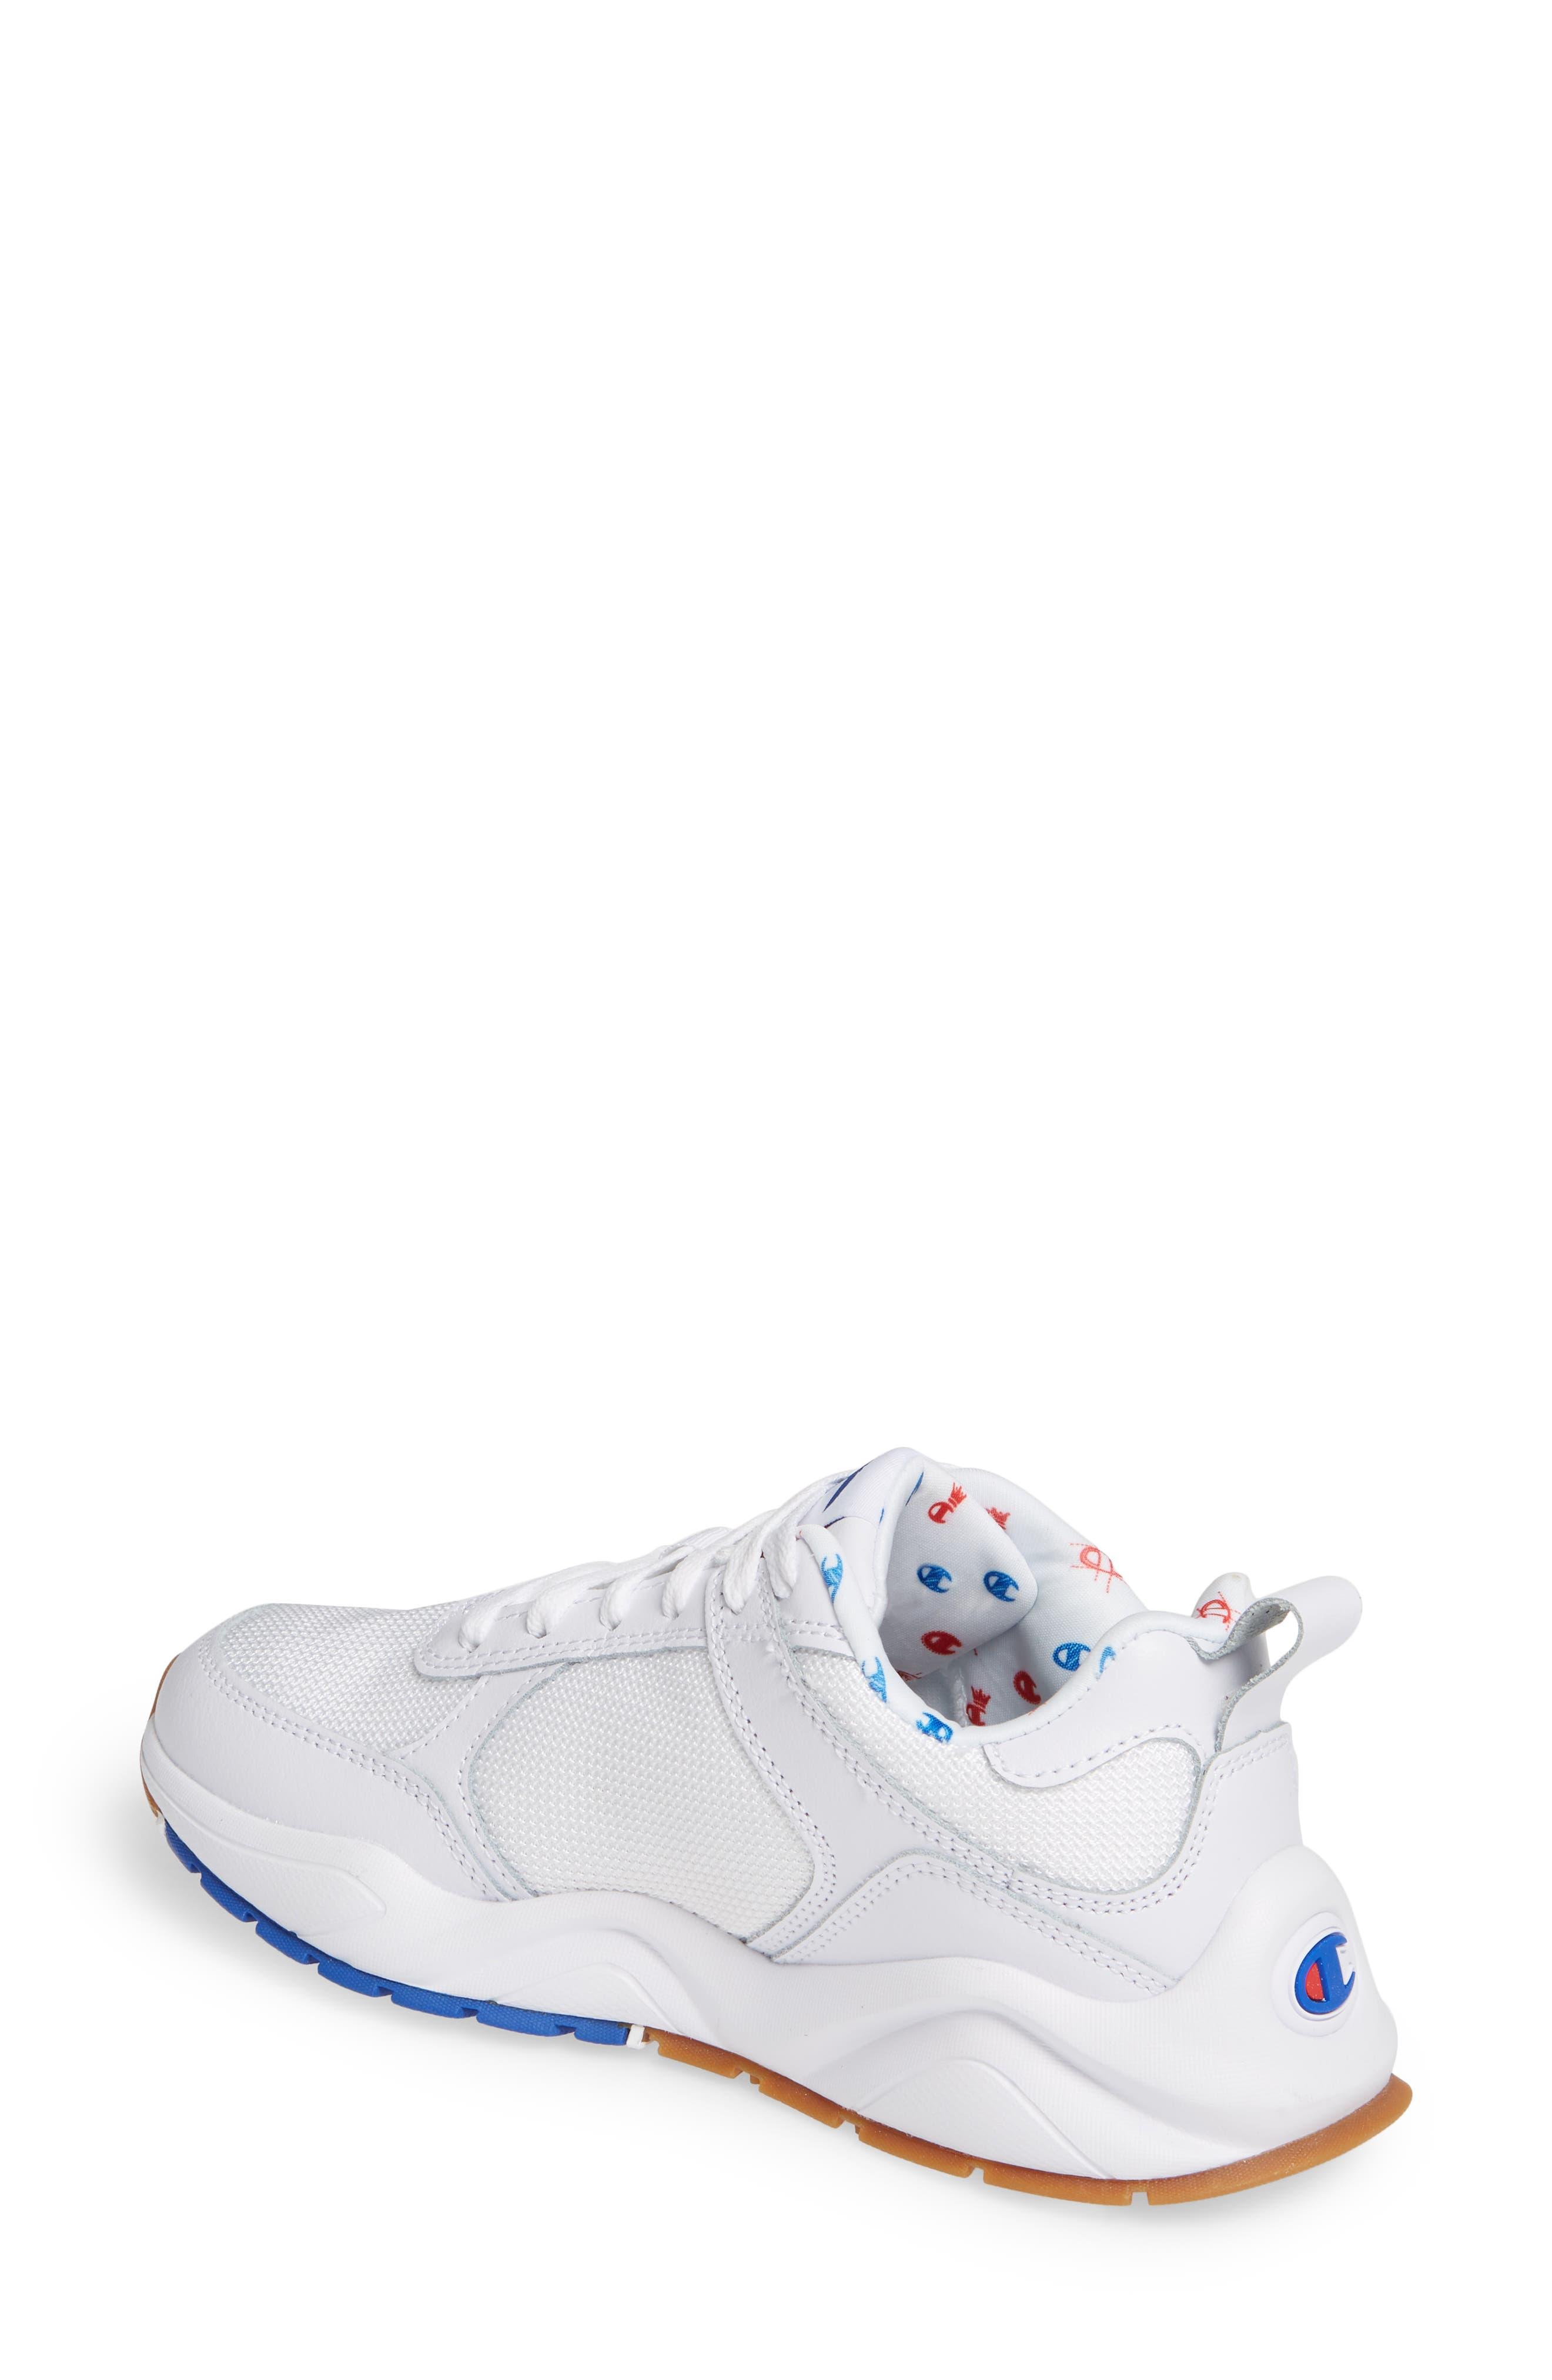 85e8b2cc66ea4 Women s Champion Sneakers   Running Shoes